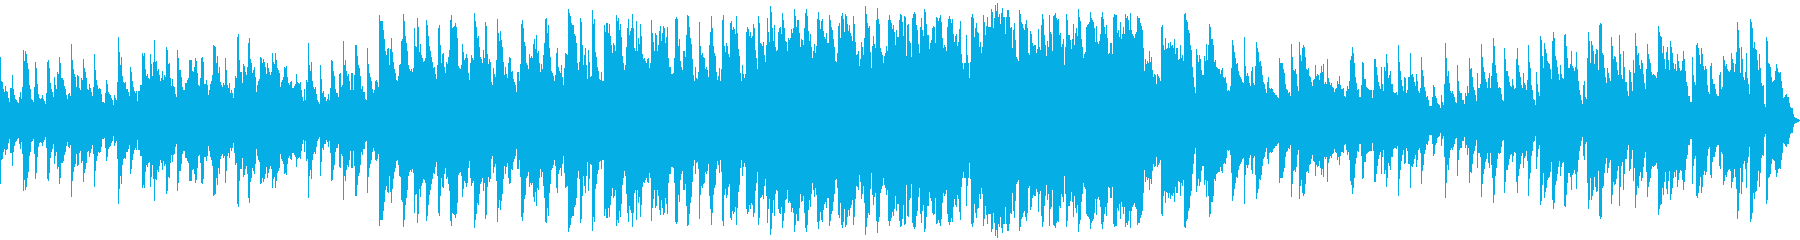 アイリッシュ風のBGMの再生済みの波形